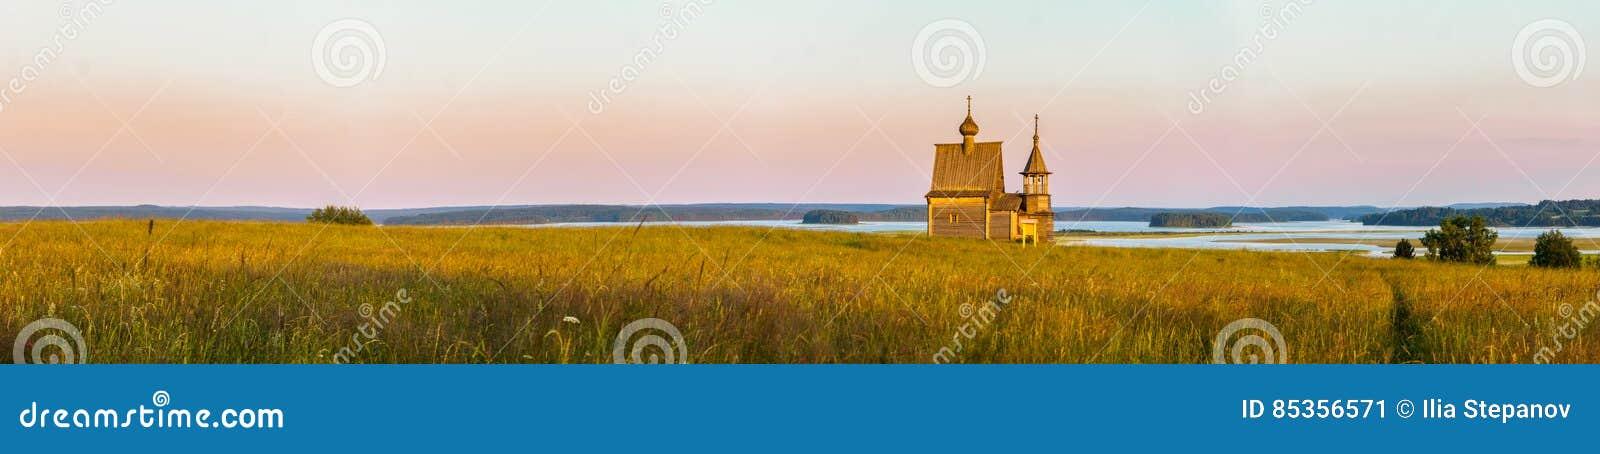 Iglesia de madera en el top de la colina Opinión de la puesta del sol del pueblo de Vershinino Región de Arkhangelsk, Rusia septe